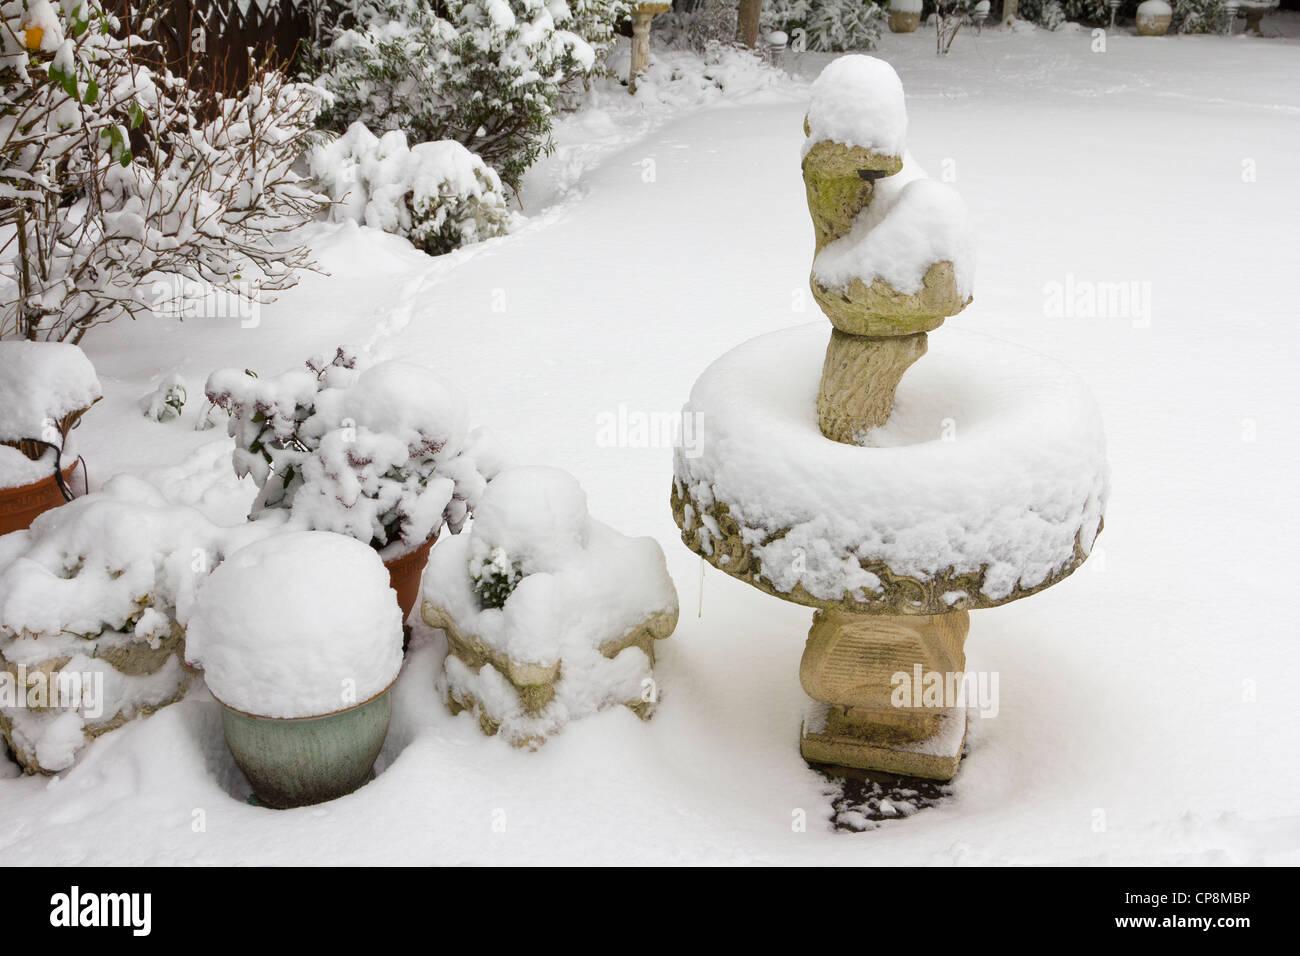 Snow Bird Bath Stockfotos & Snow Bird Bath Bilder - Alamy